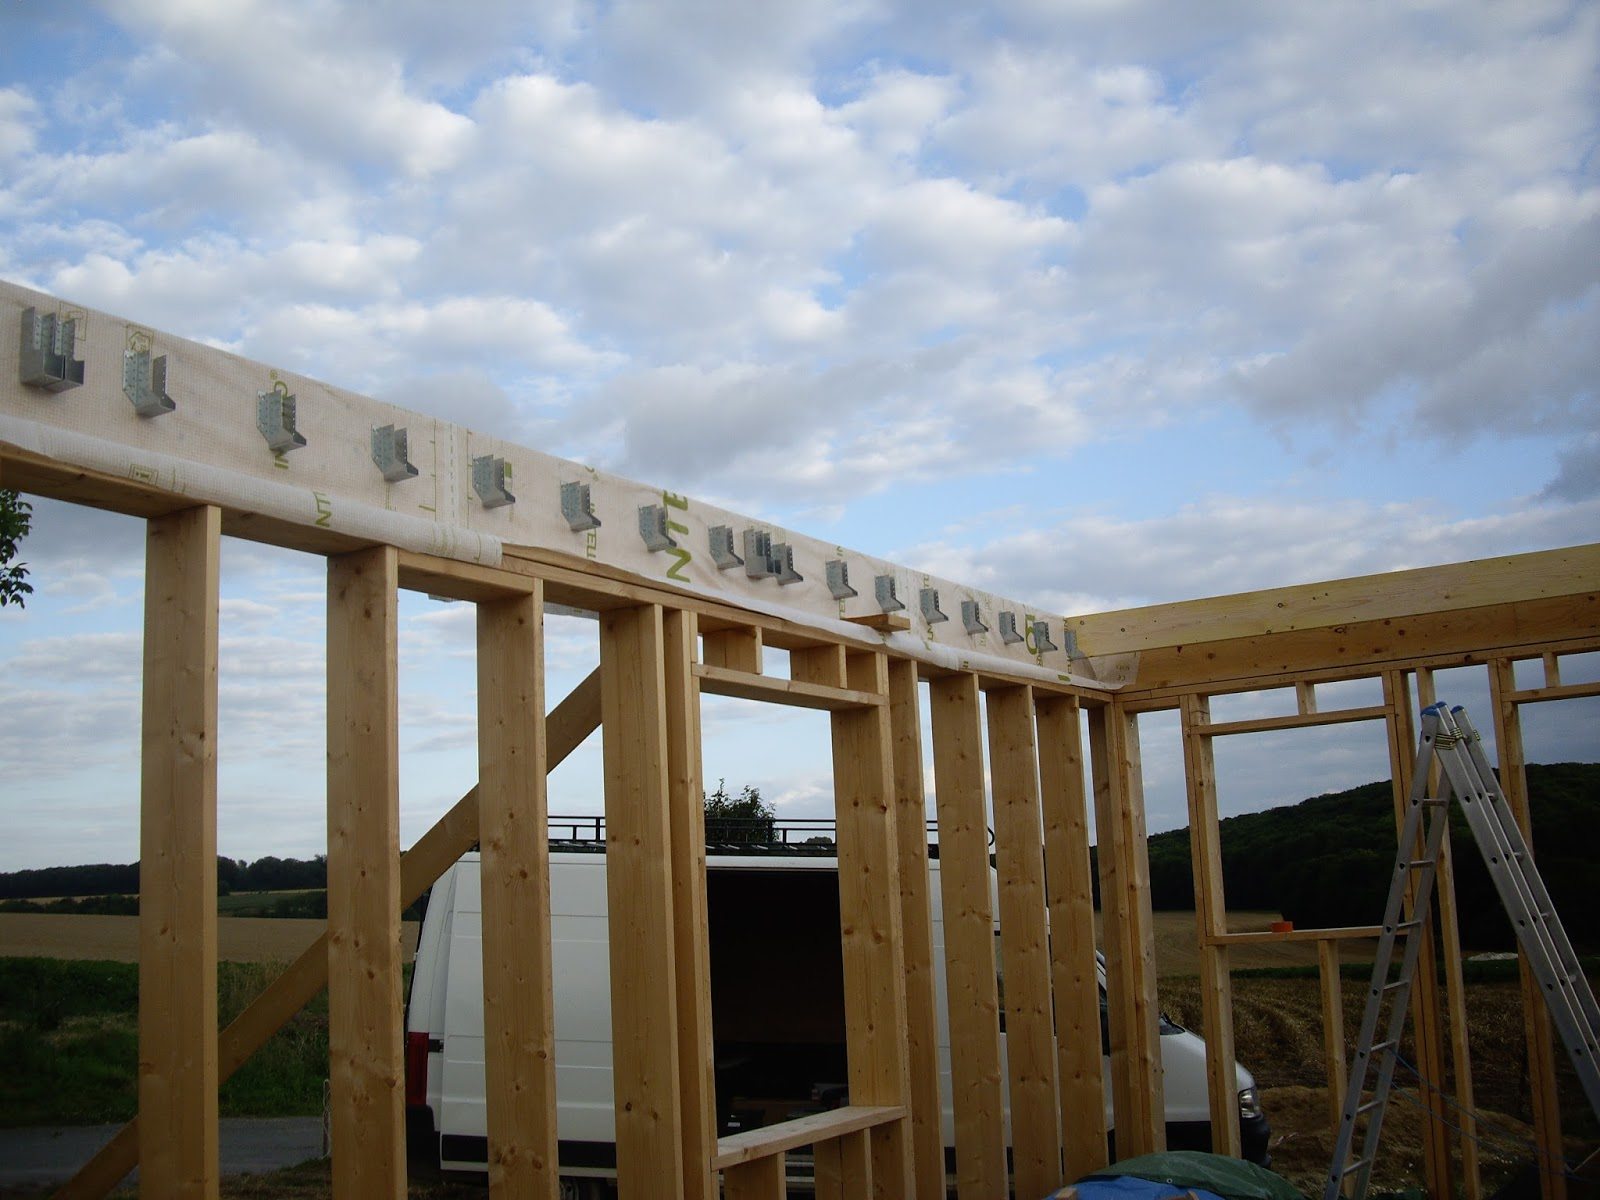 notre auto construction passive maison ossature bois m o b ossature bois jour 20. Black Bedroom Furniture Sets. Home Design Ideas